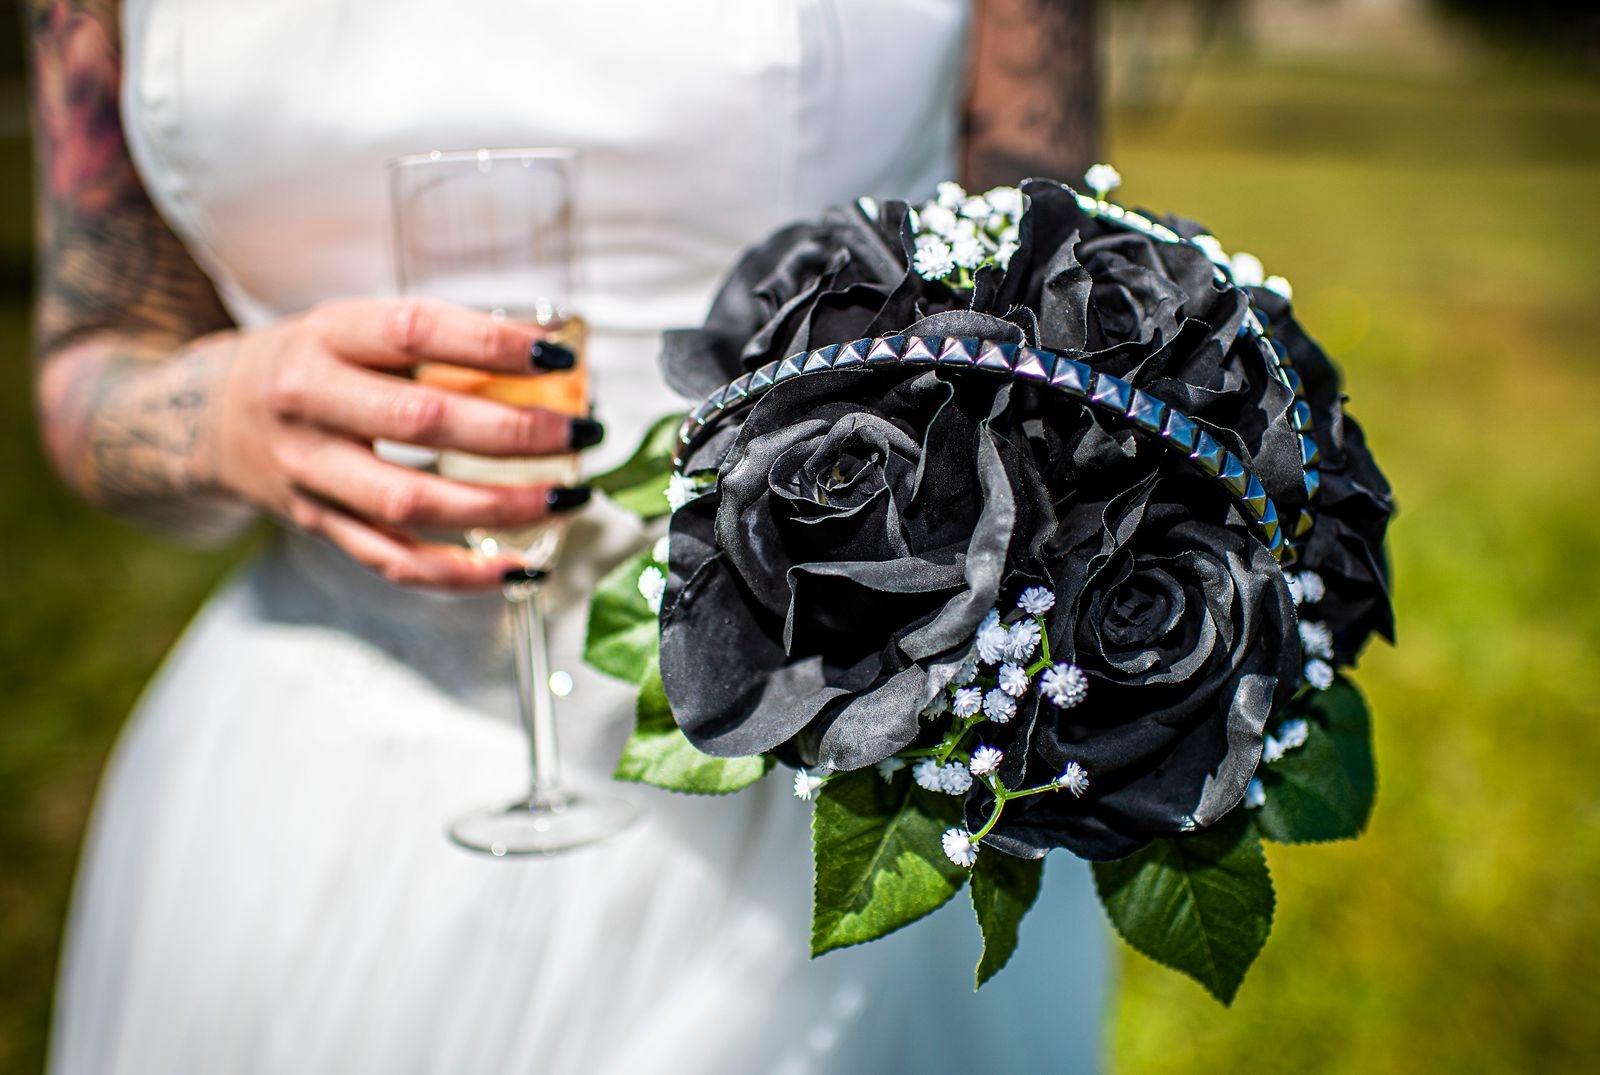 Brudbuketten hade Sara Sigbo gjort själv. Blommorna har hon färgat i svart.